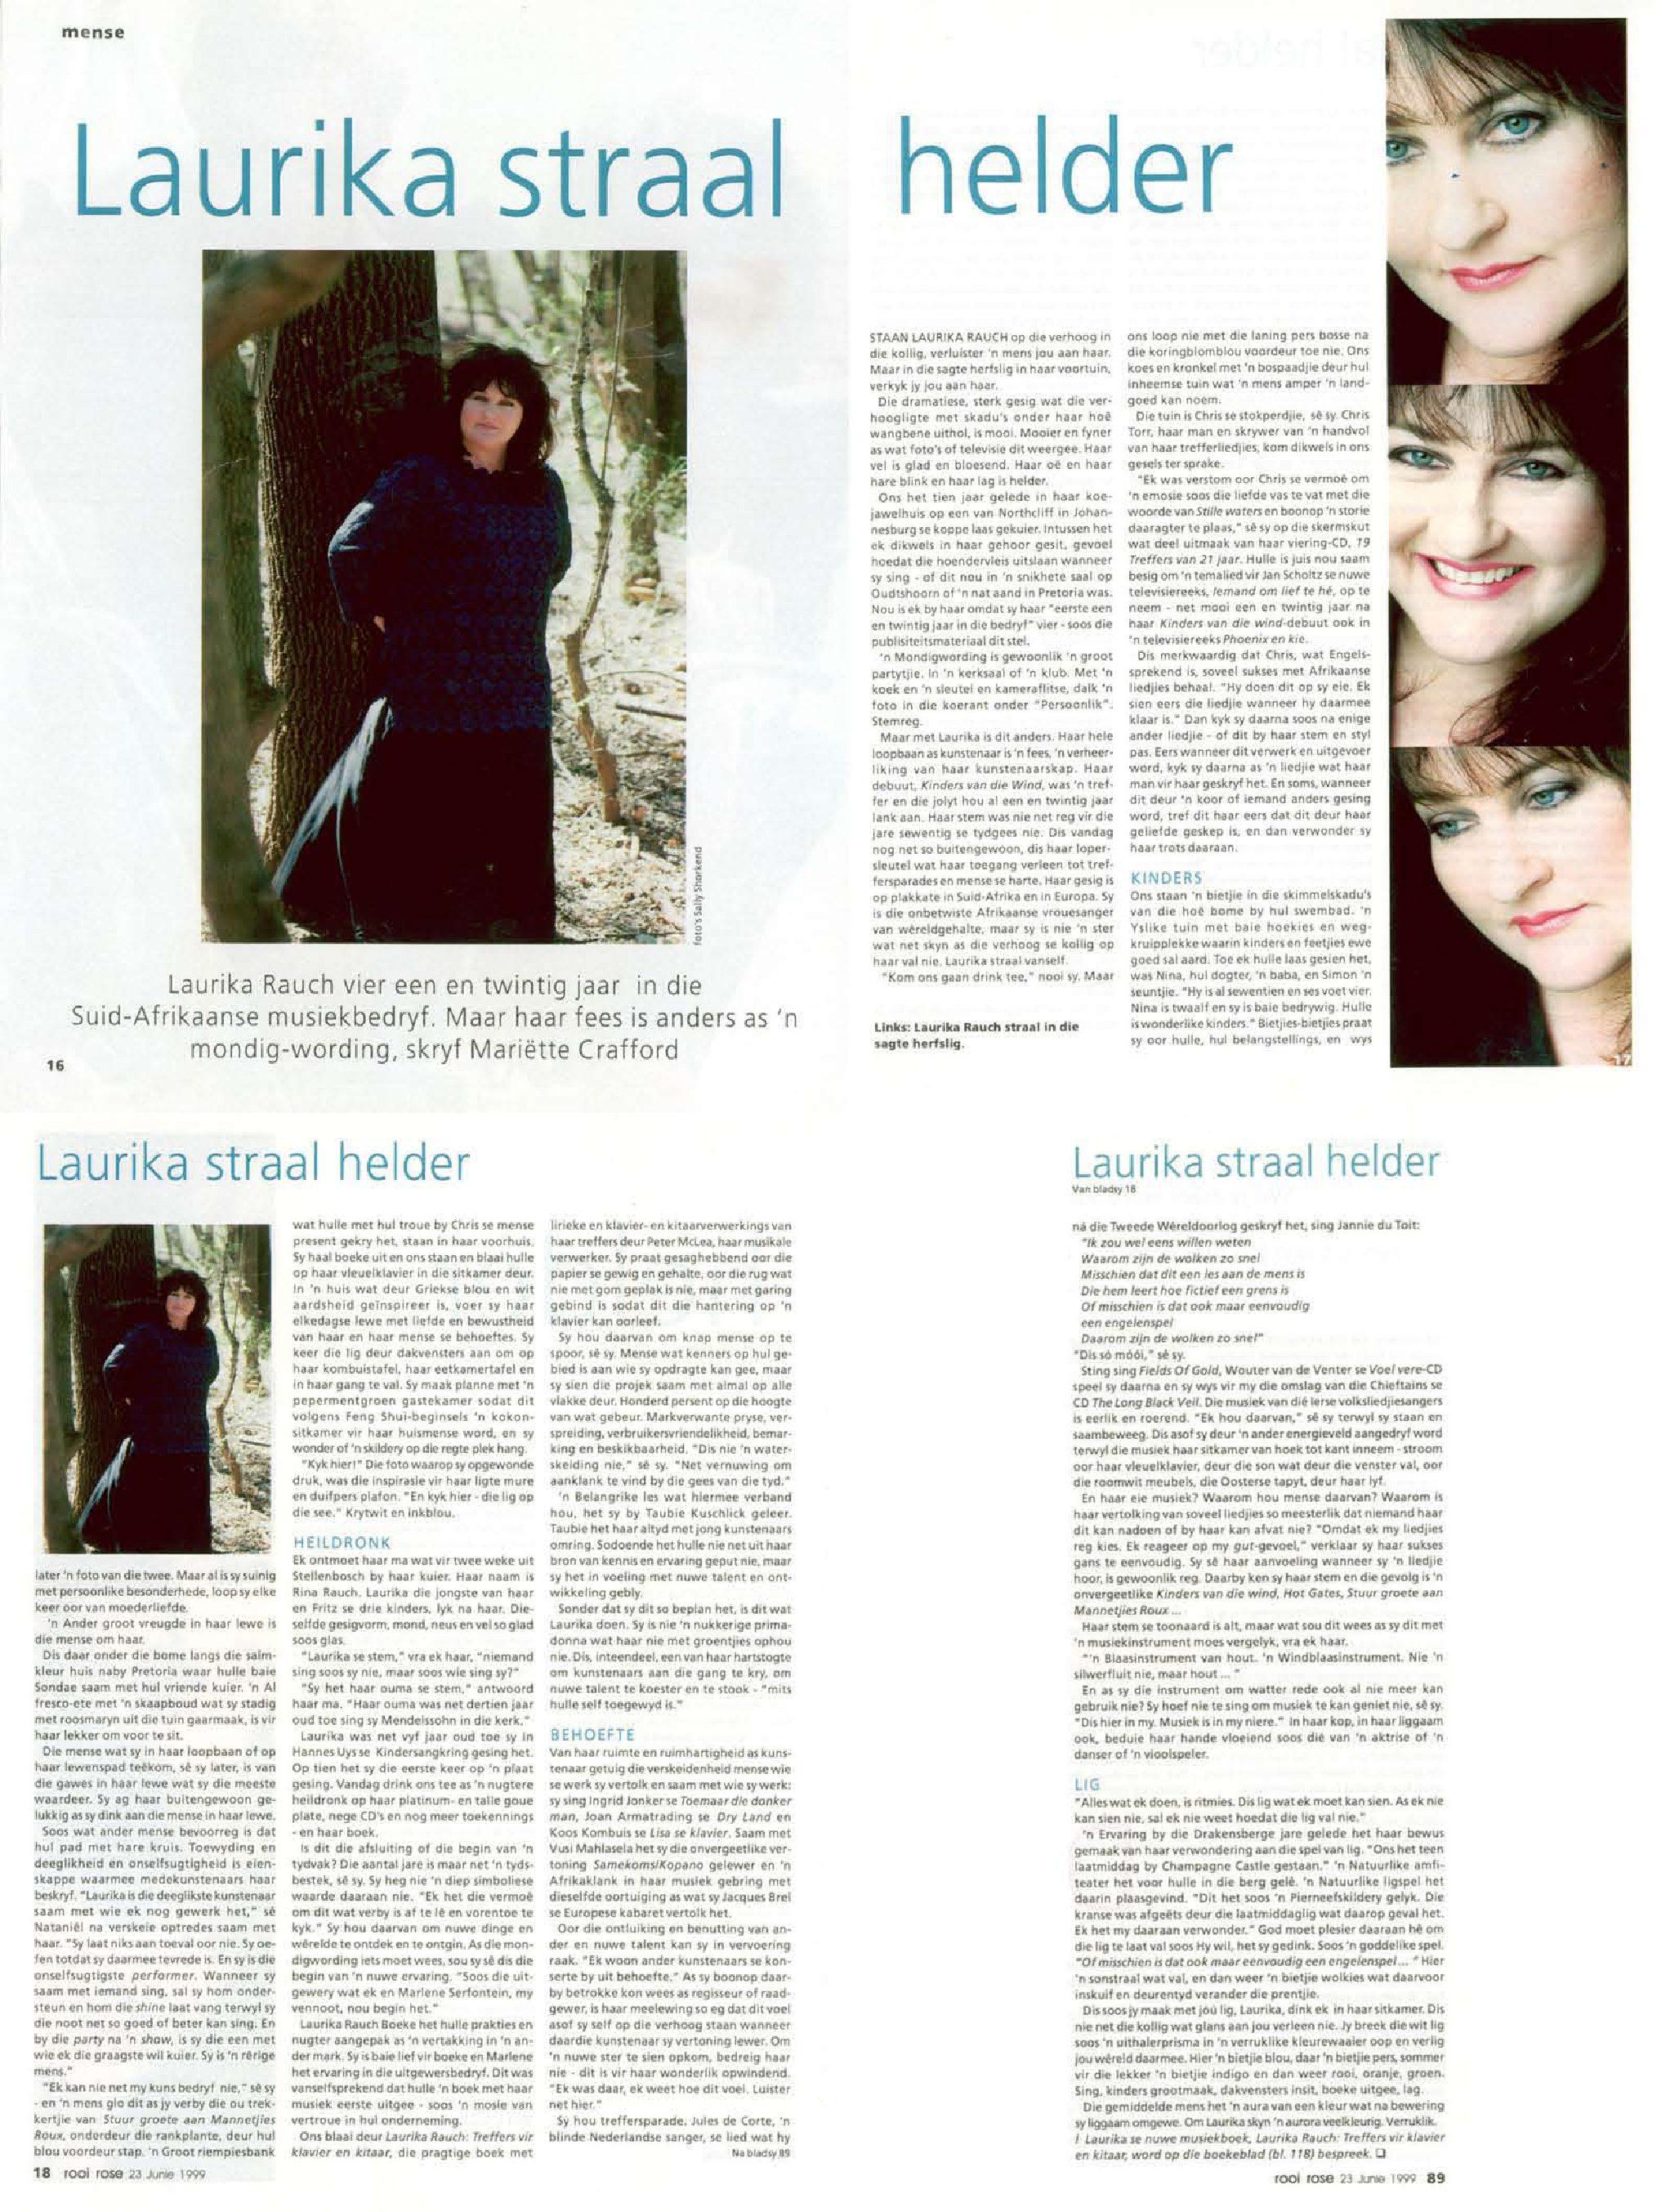 1999-rooi-rose-laurika-straal-helder-updated